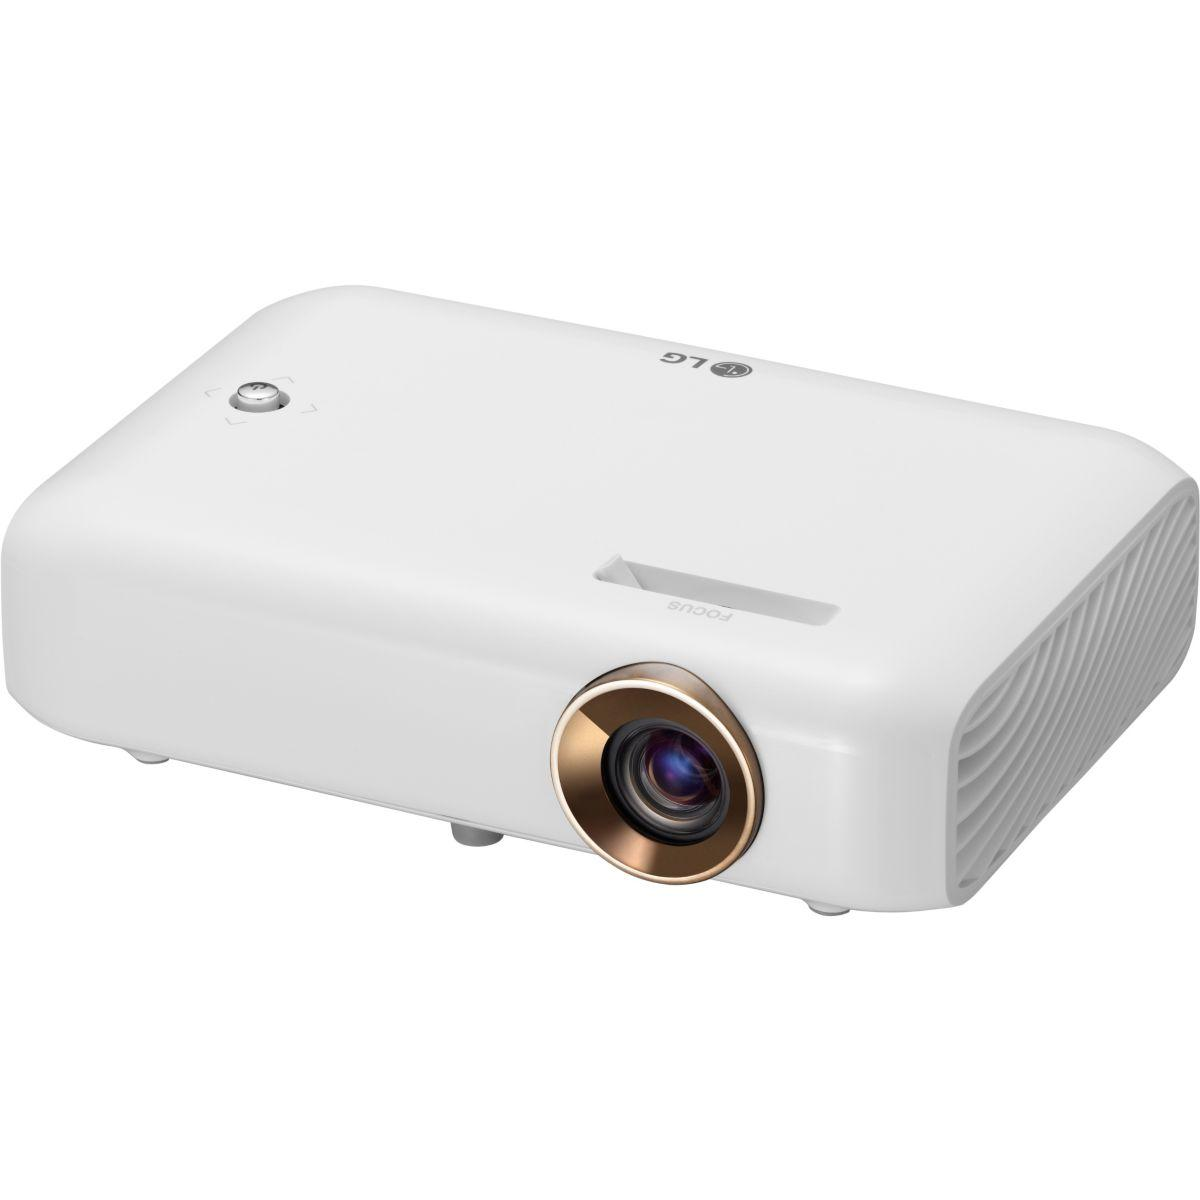 Projecteur lg ph550g